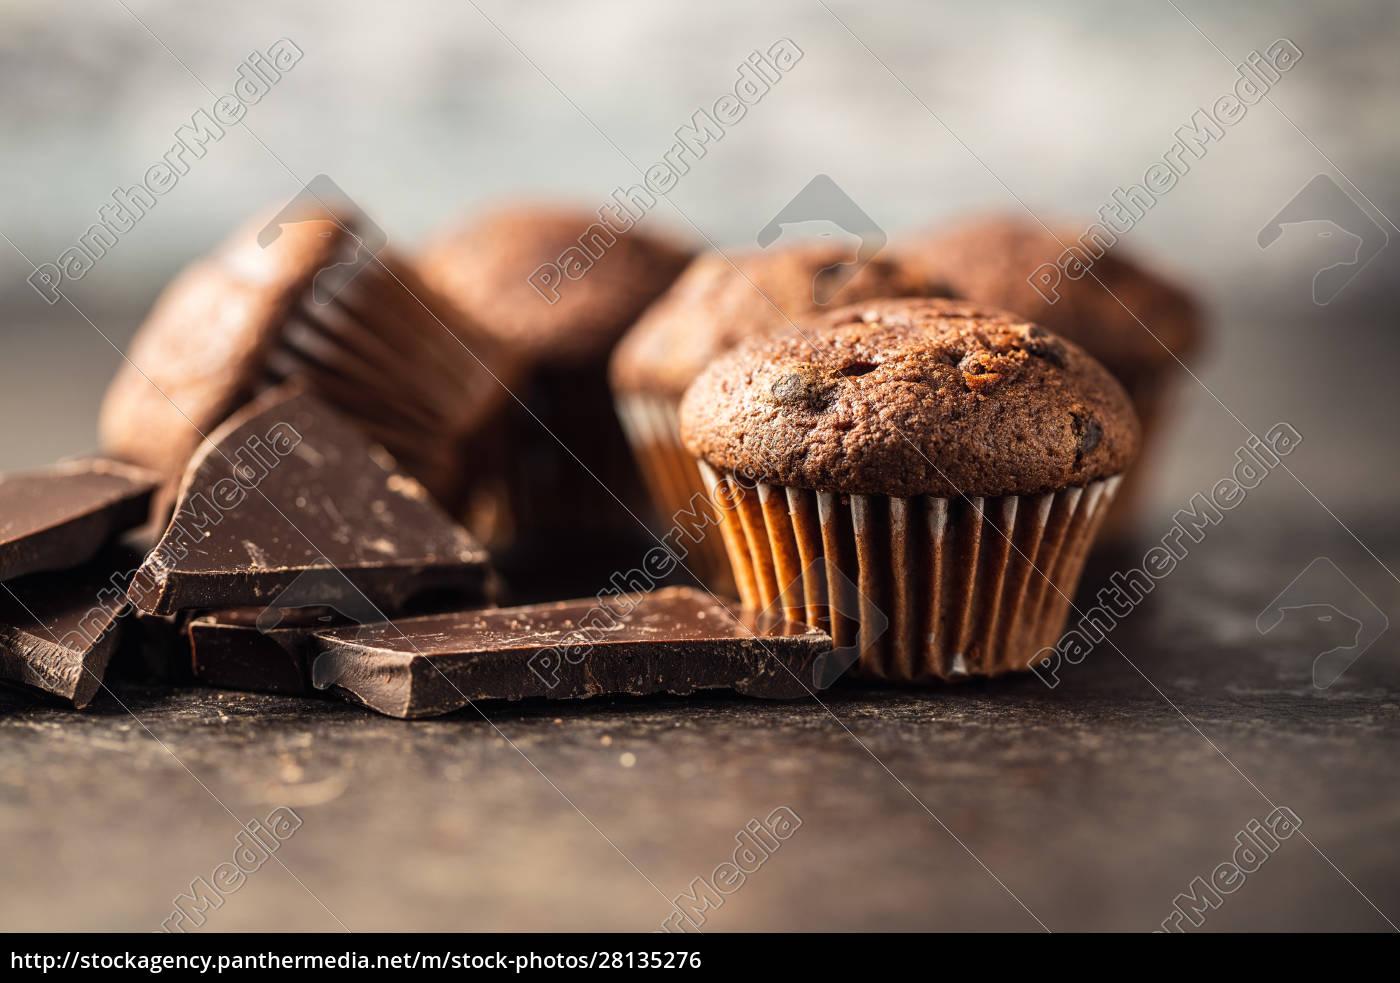 bolinhos, de, chocolate, saborosos., cupcakes, doces. - 28135276